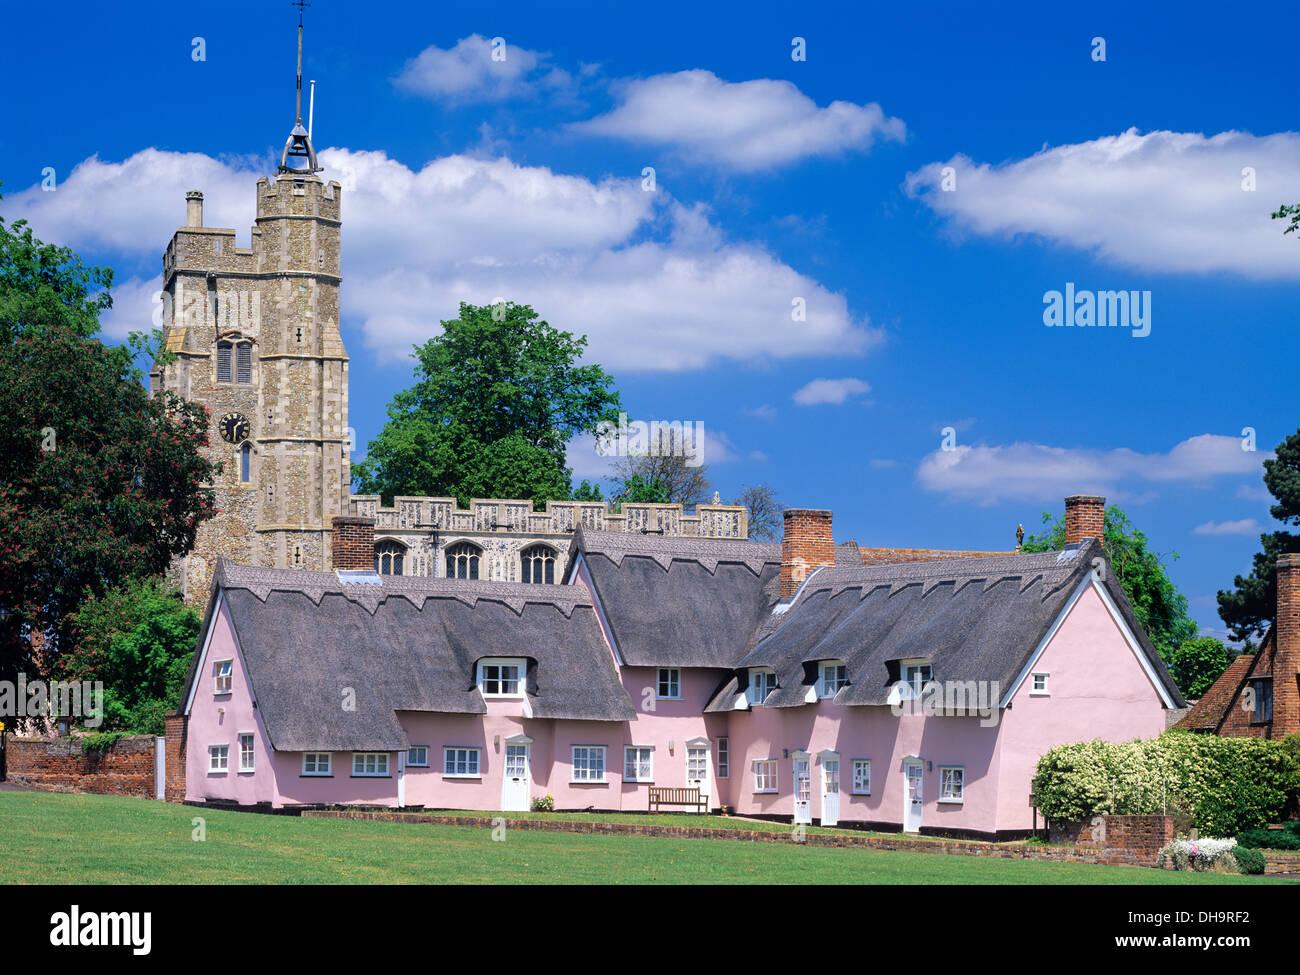 Cottages, Cavendish, Suffolk, England, UK. - Stock Image